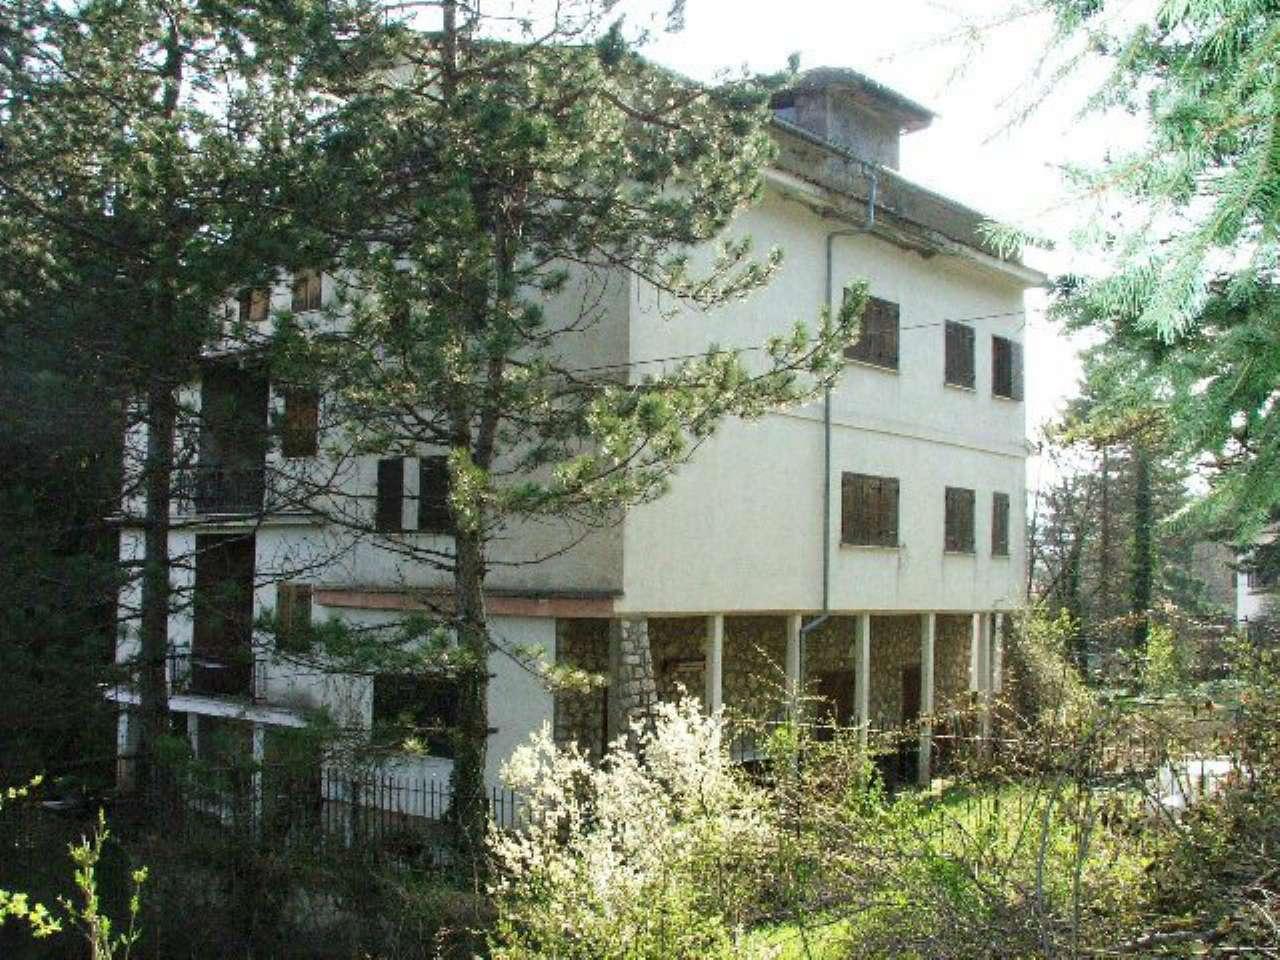 Appartamento in vendita a Trevi nel Lazio, 6 locali, prezzo € 55.000 | CambioCasa.it